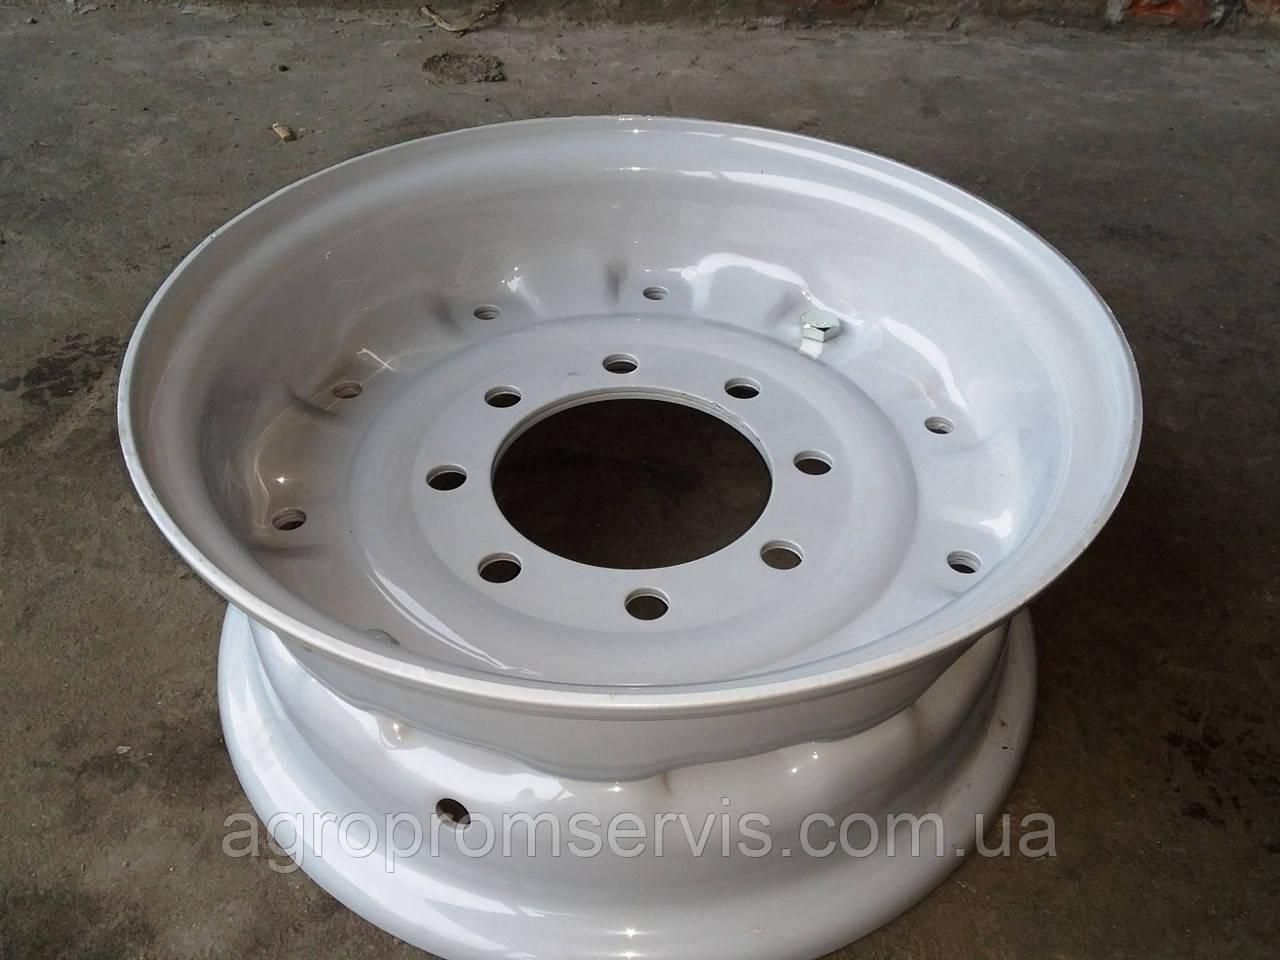 Диск колесный прицепа 2 ПТС-4  8 шпилек усиленный  887А-3101012